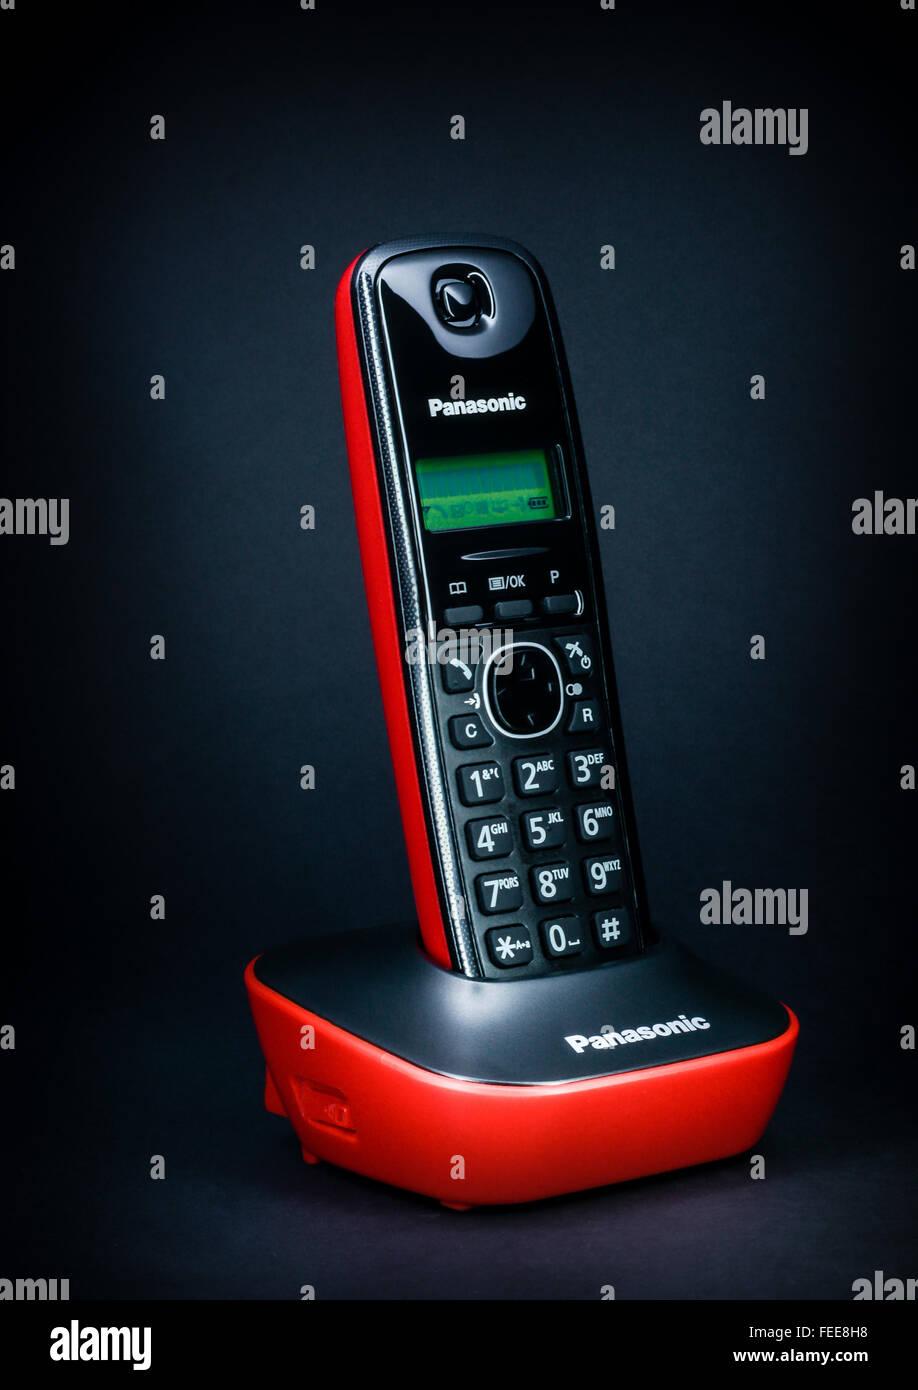 Panasonic telephone - Stock Image